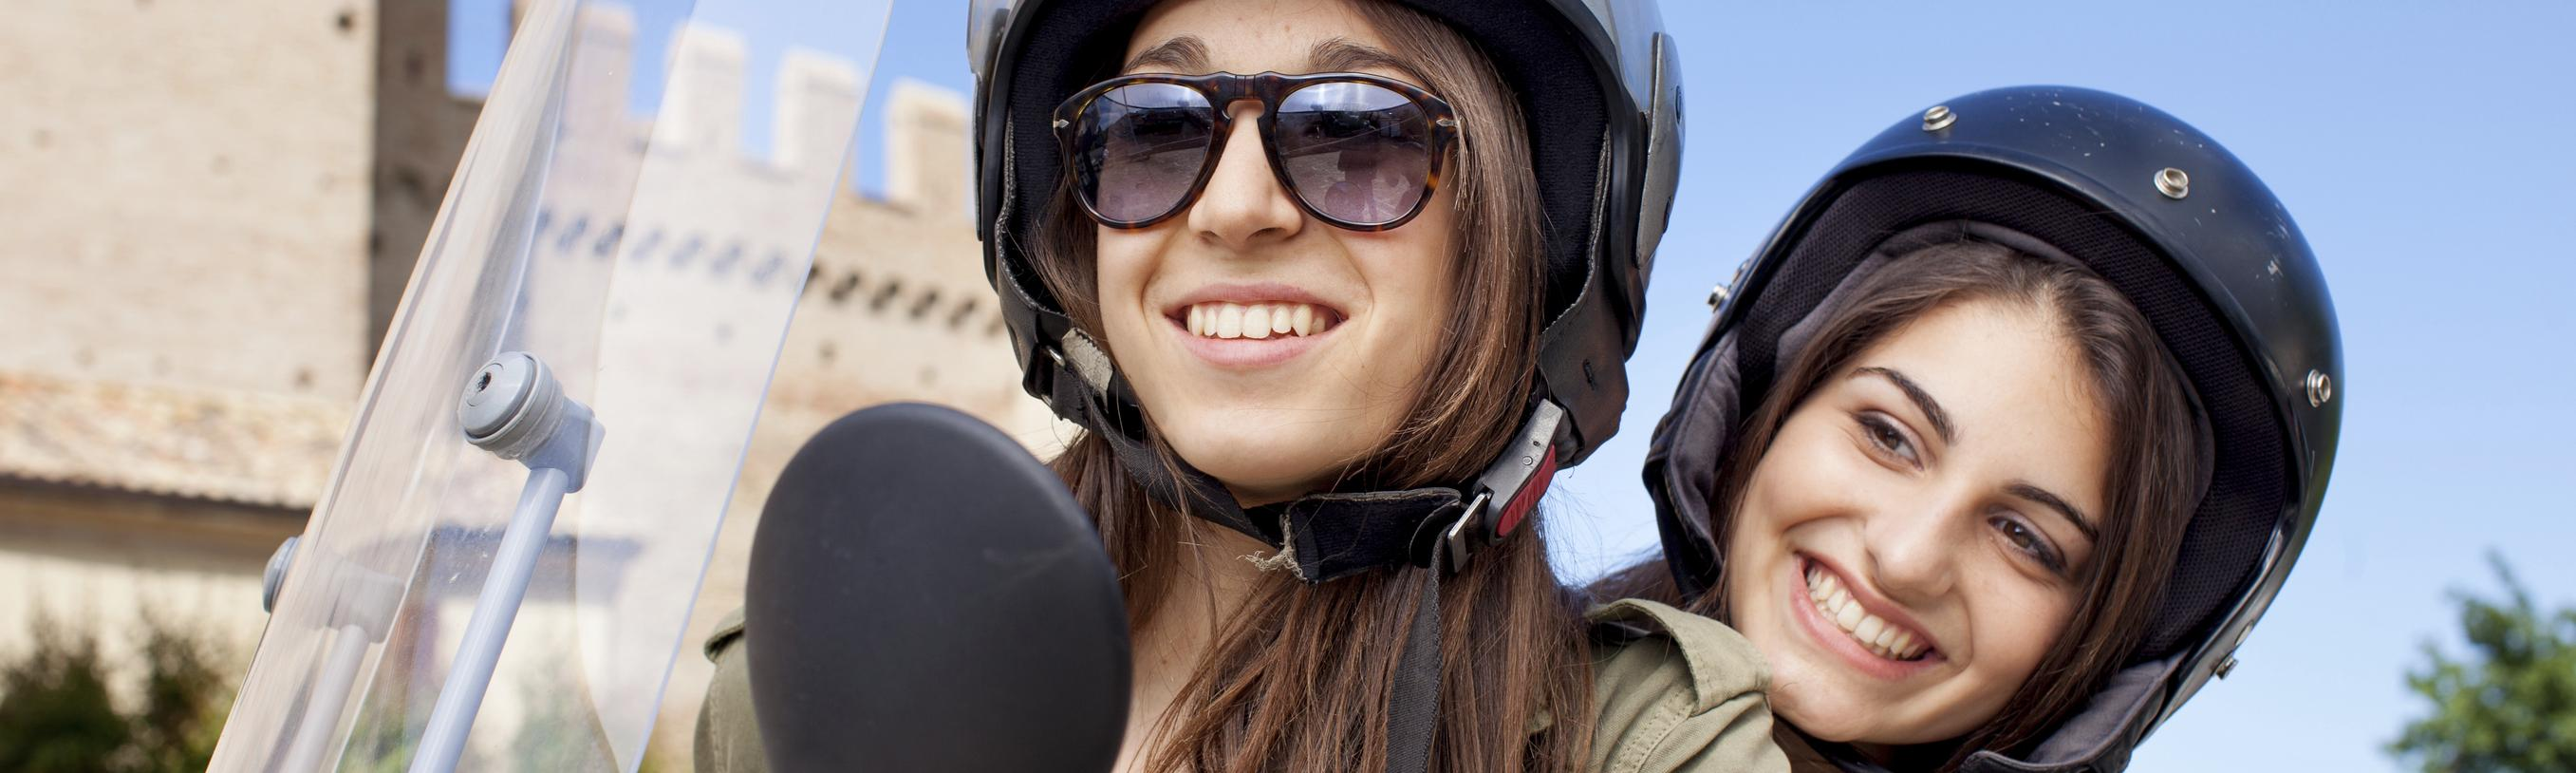 équipement sécurité scooter